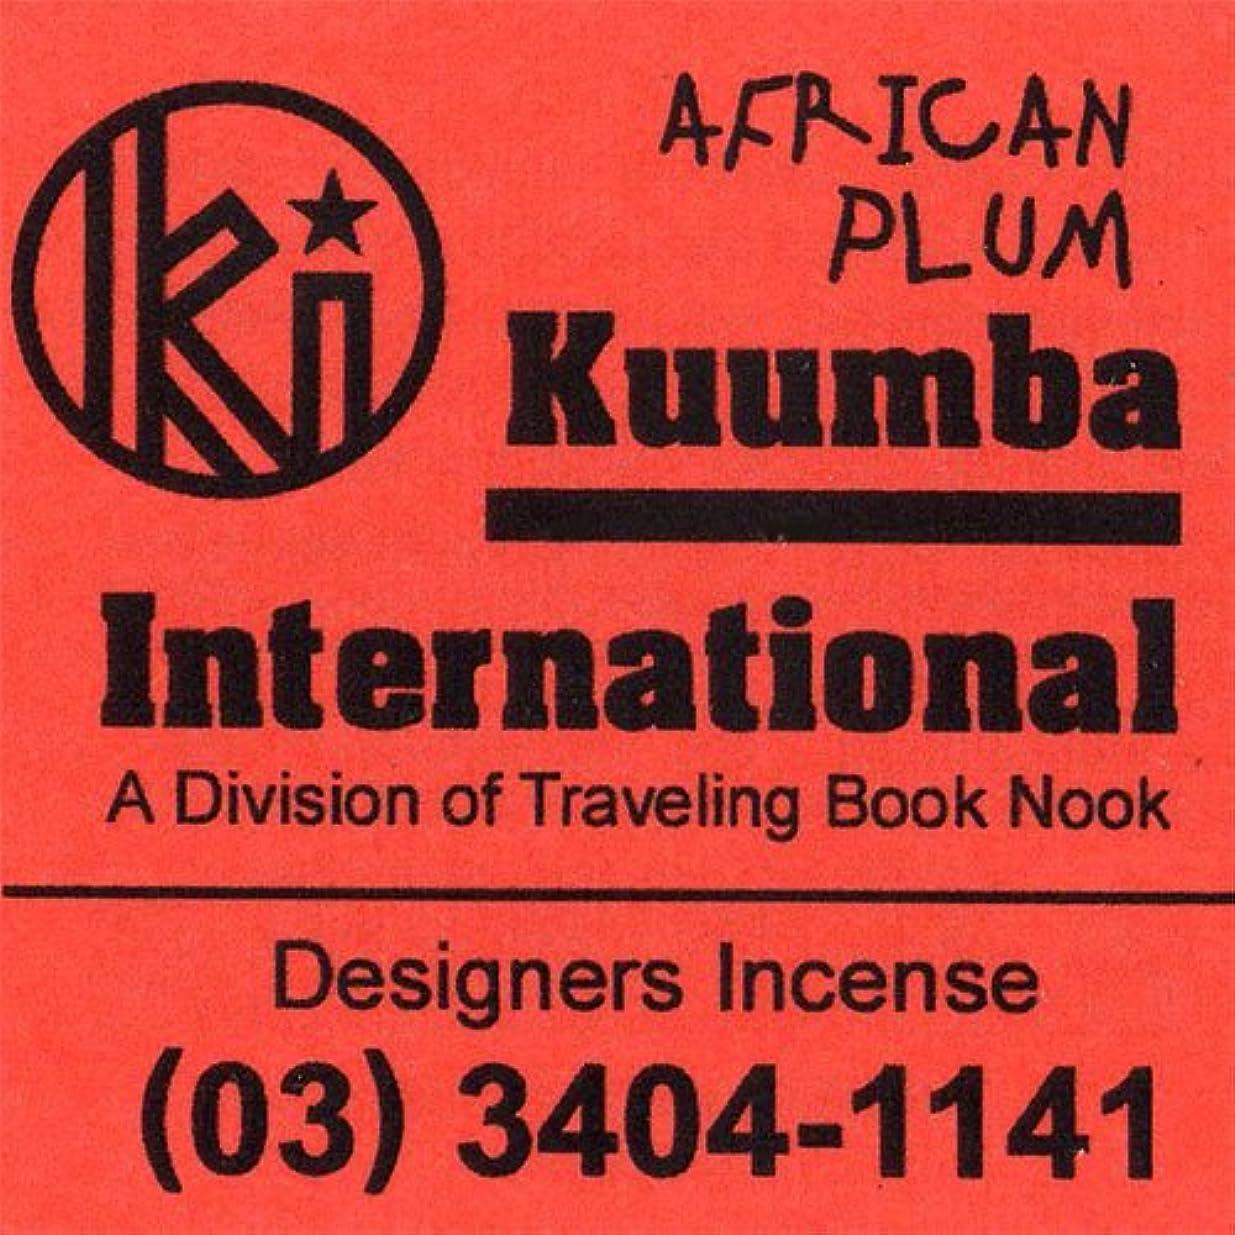 放棄された裁量去るKUUMBA / クンバ『incense』(AFRICAN PLUM) (Regular size)